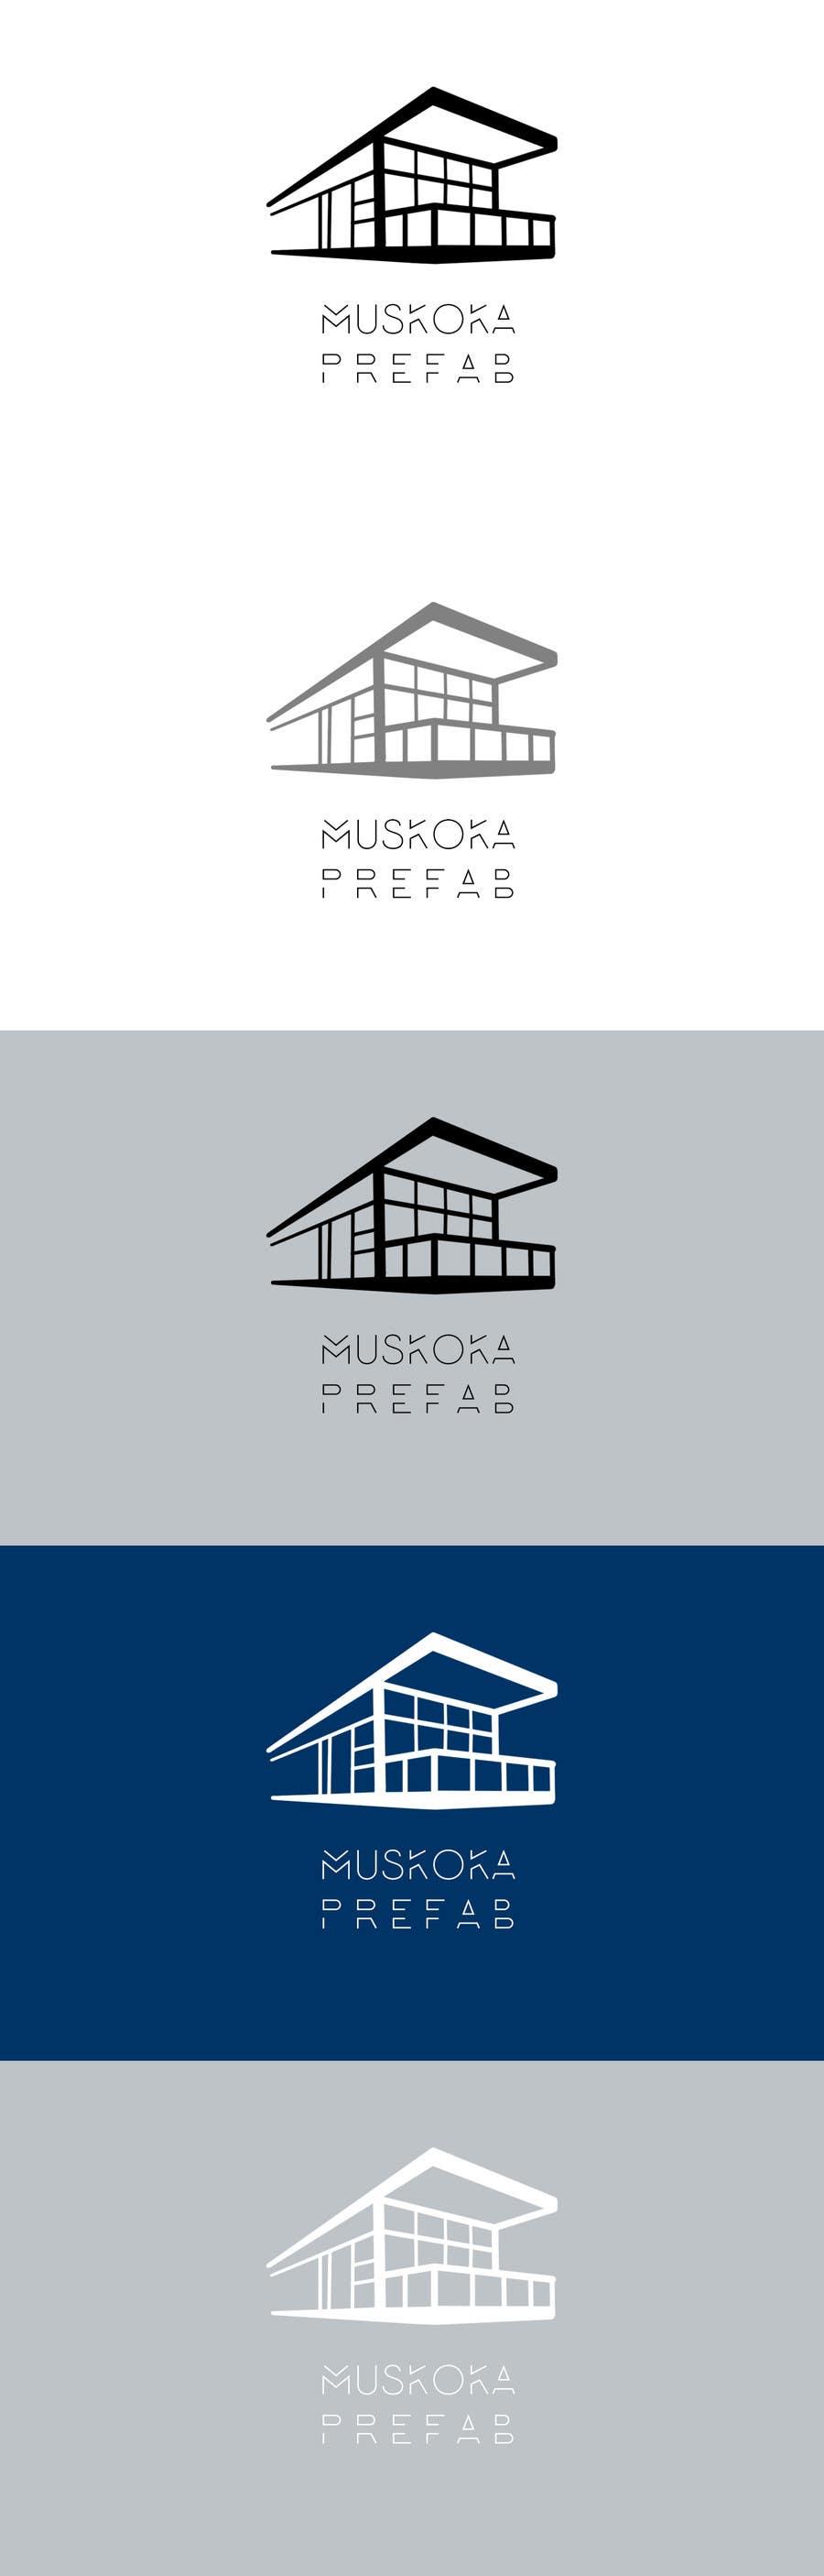 Proposition n°33 du concours Design a Simple Clean Logo - Modern Prefab Homes